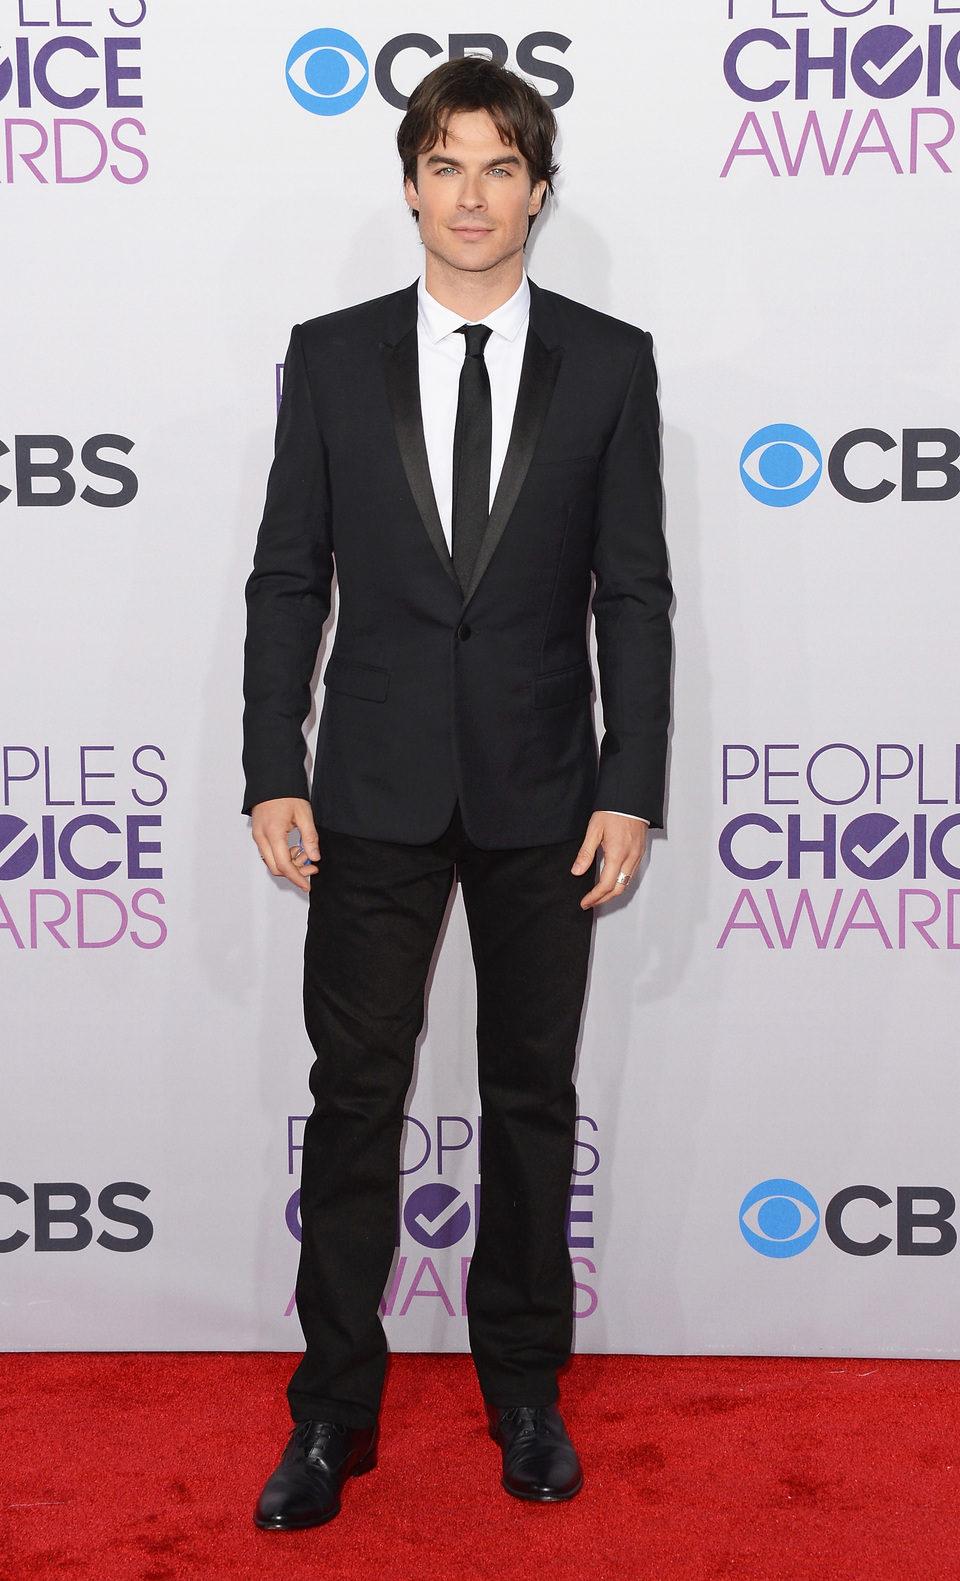 Ian Somerhalder en la gala de los People's Choice Awards 2013